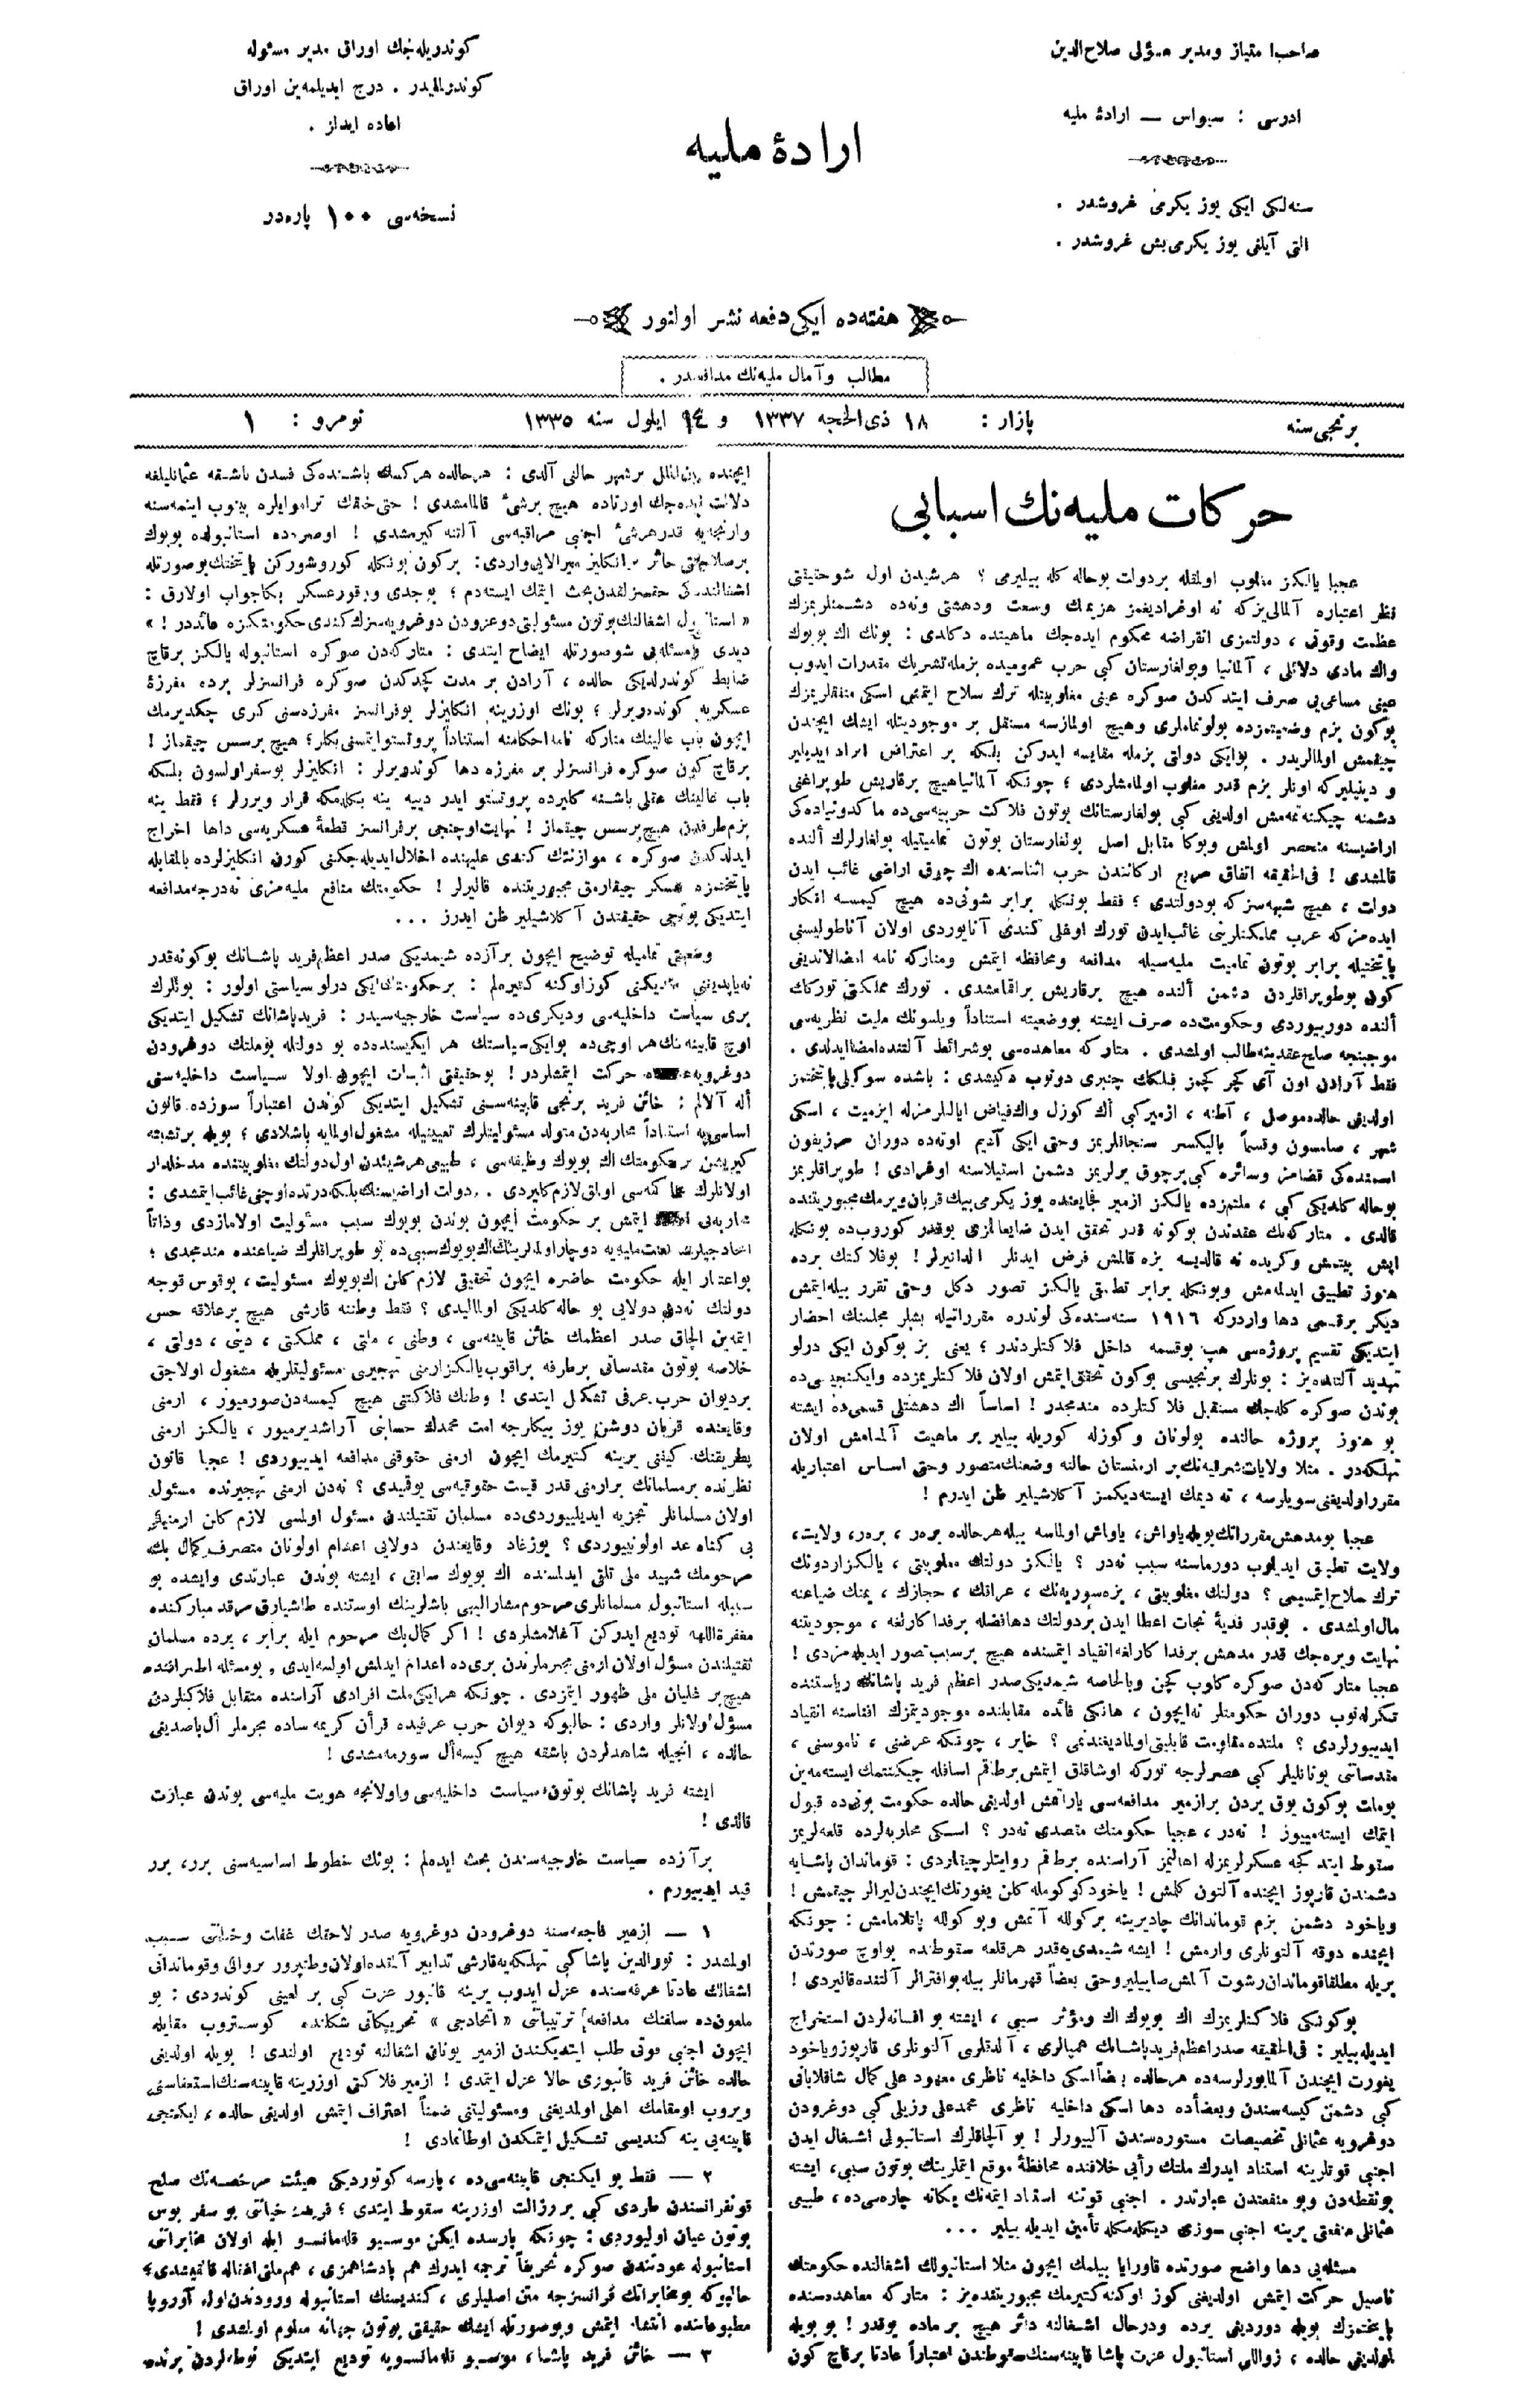 14 Eylül 1919 Tarihli İrade-i Milliye (Sivas) Gazetesi Sayfa 1